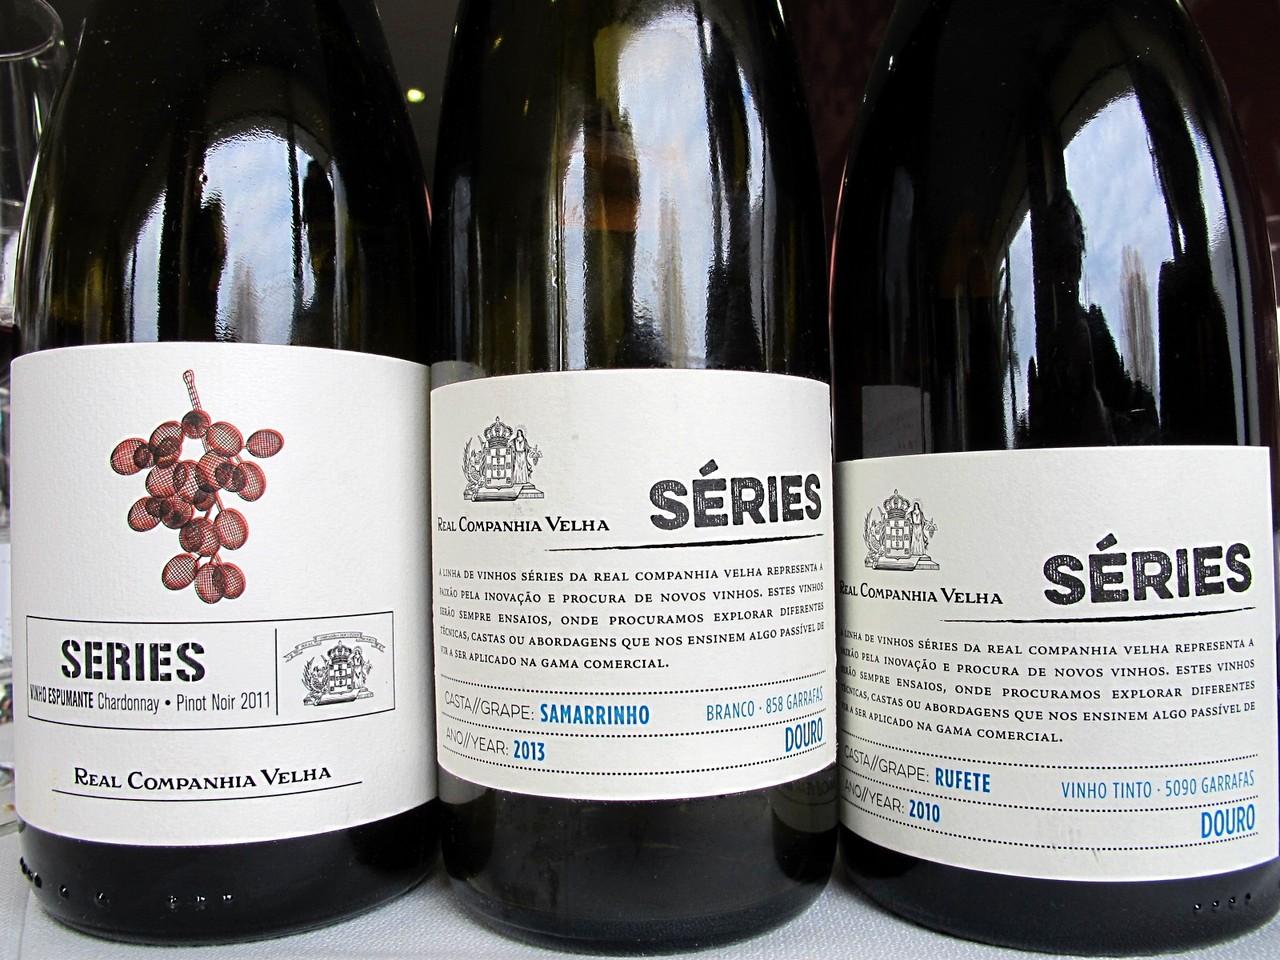 Séries Real Companhia Velha Espumante Chardonnay & Pinot Noir 2011 / Séries Real Companhia Velha Samarrinho branco 2013 / Séries Real Companhia Velha Rufete tinto 2010